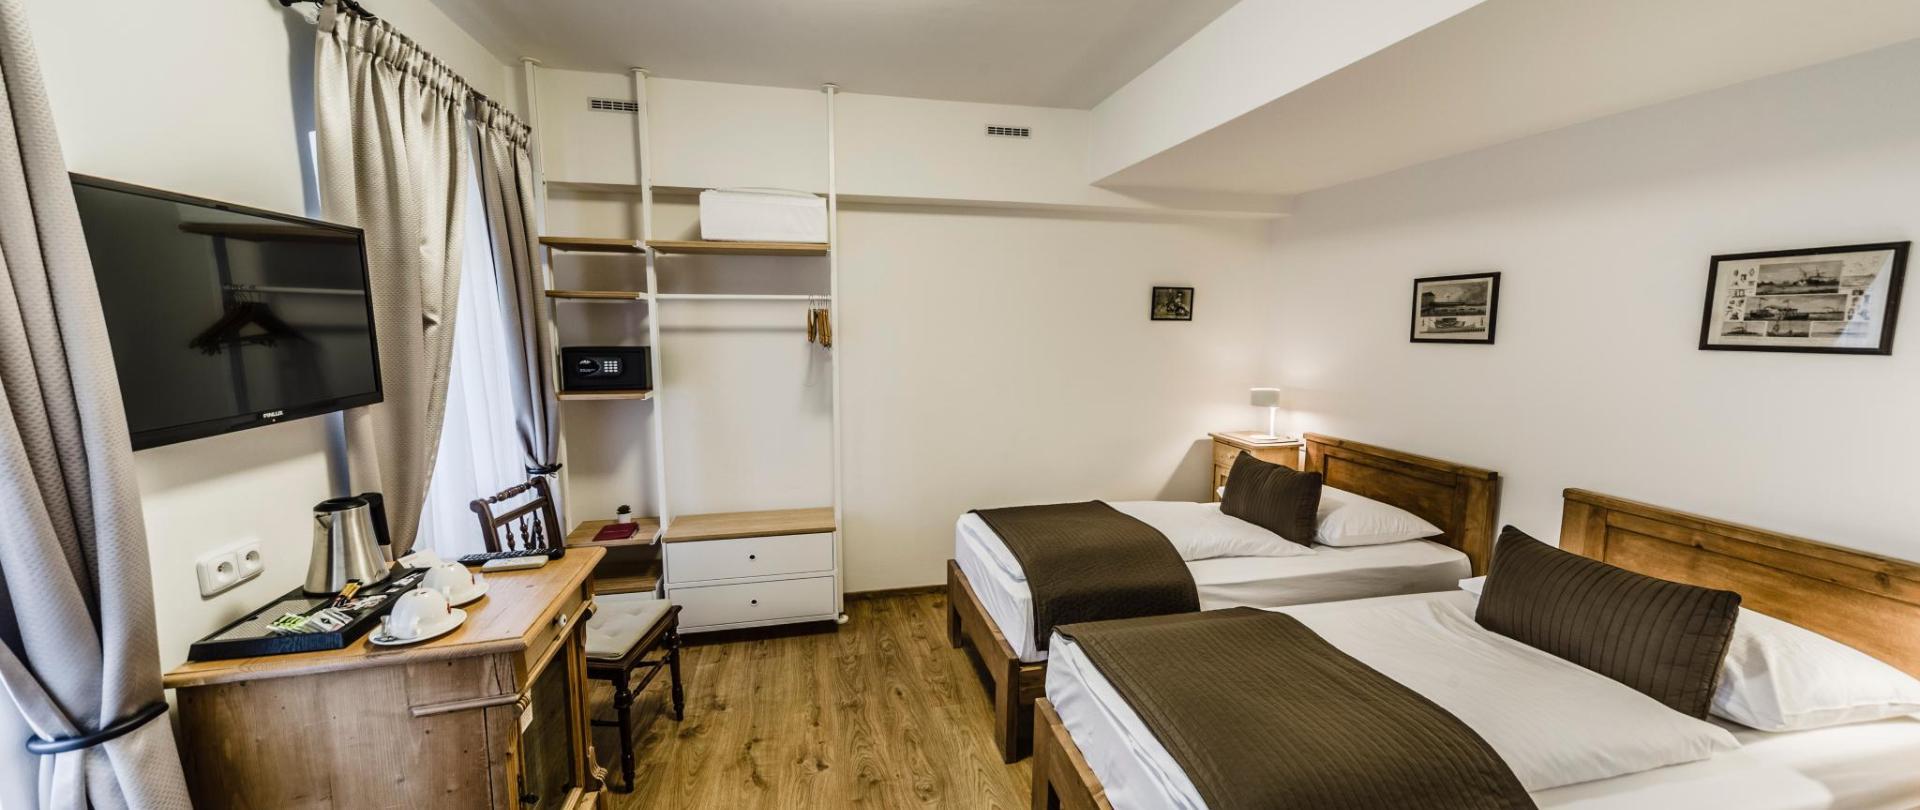 Dvoulůžkový pokoj_oddělené postele_1.jpg